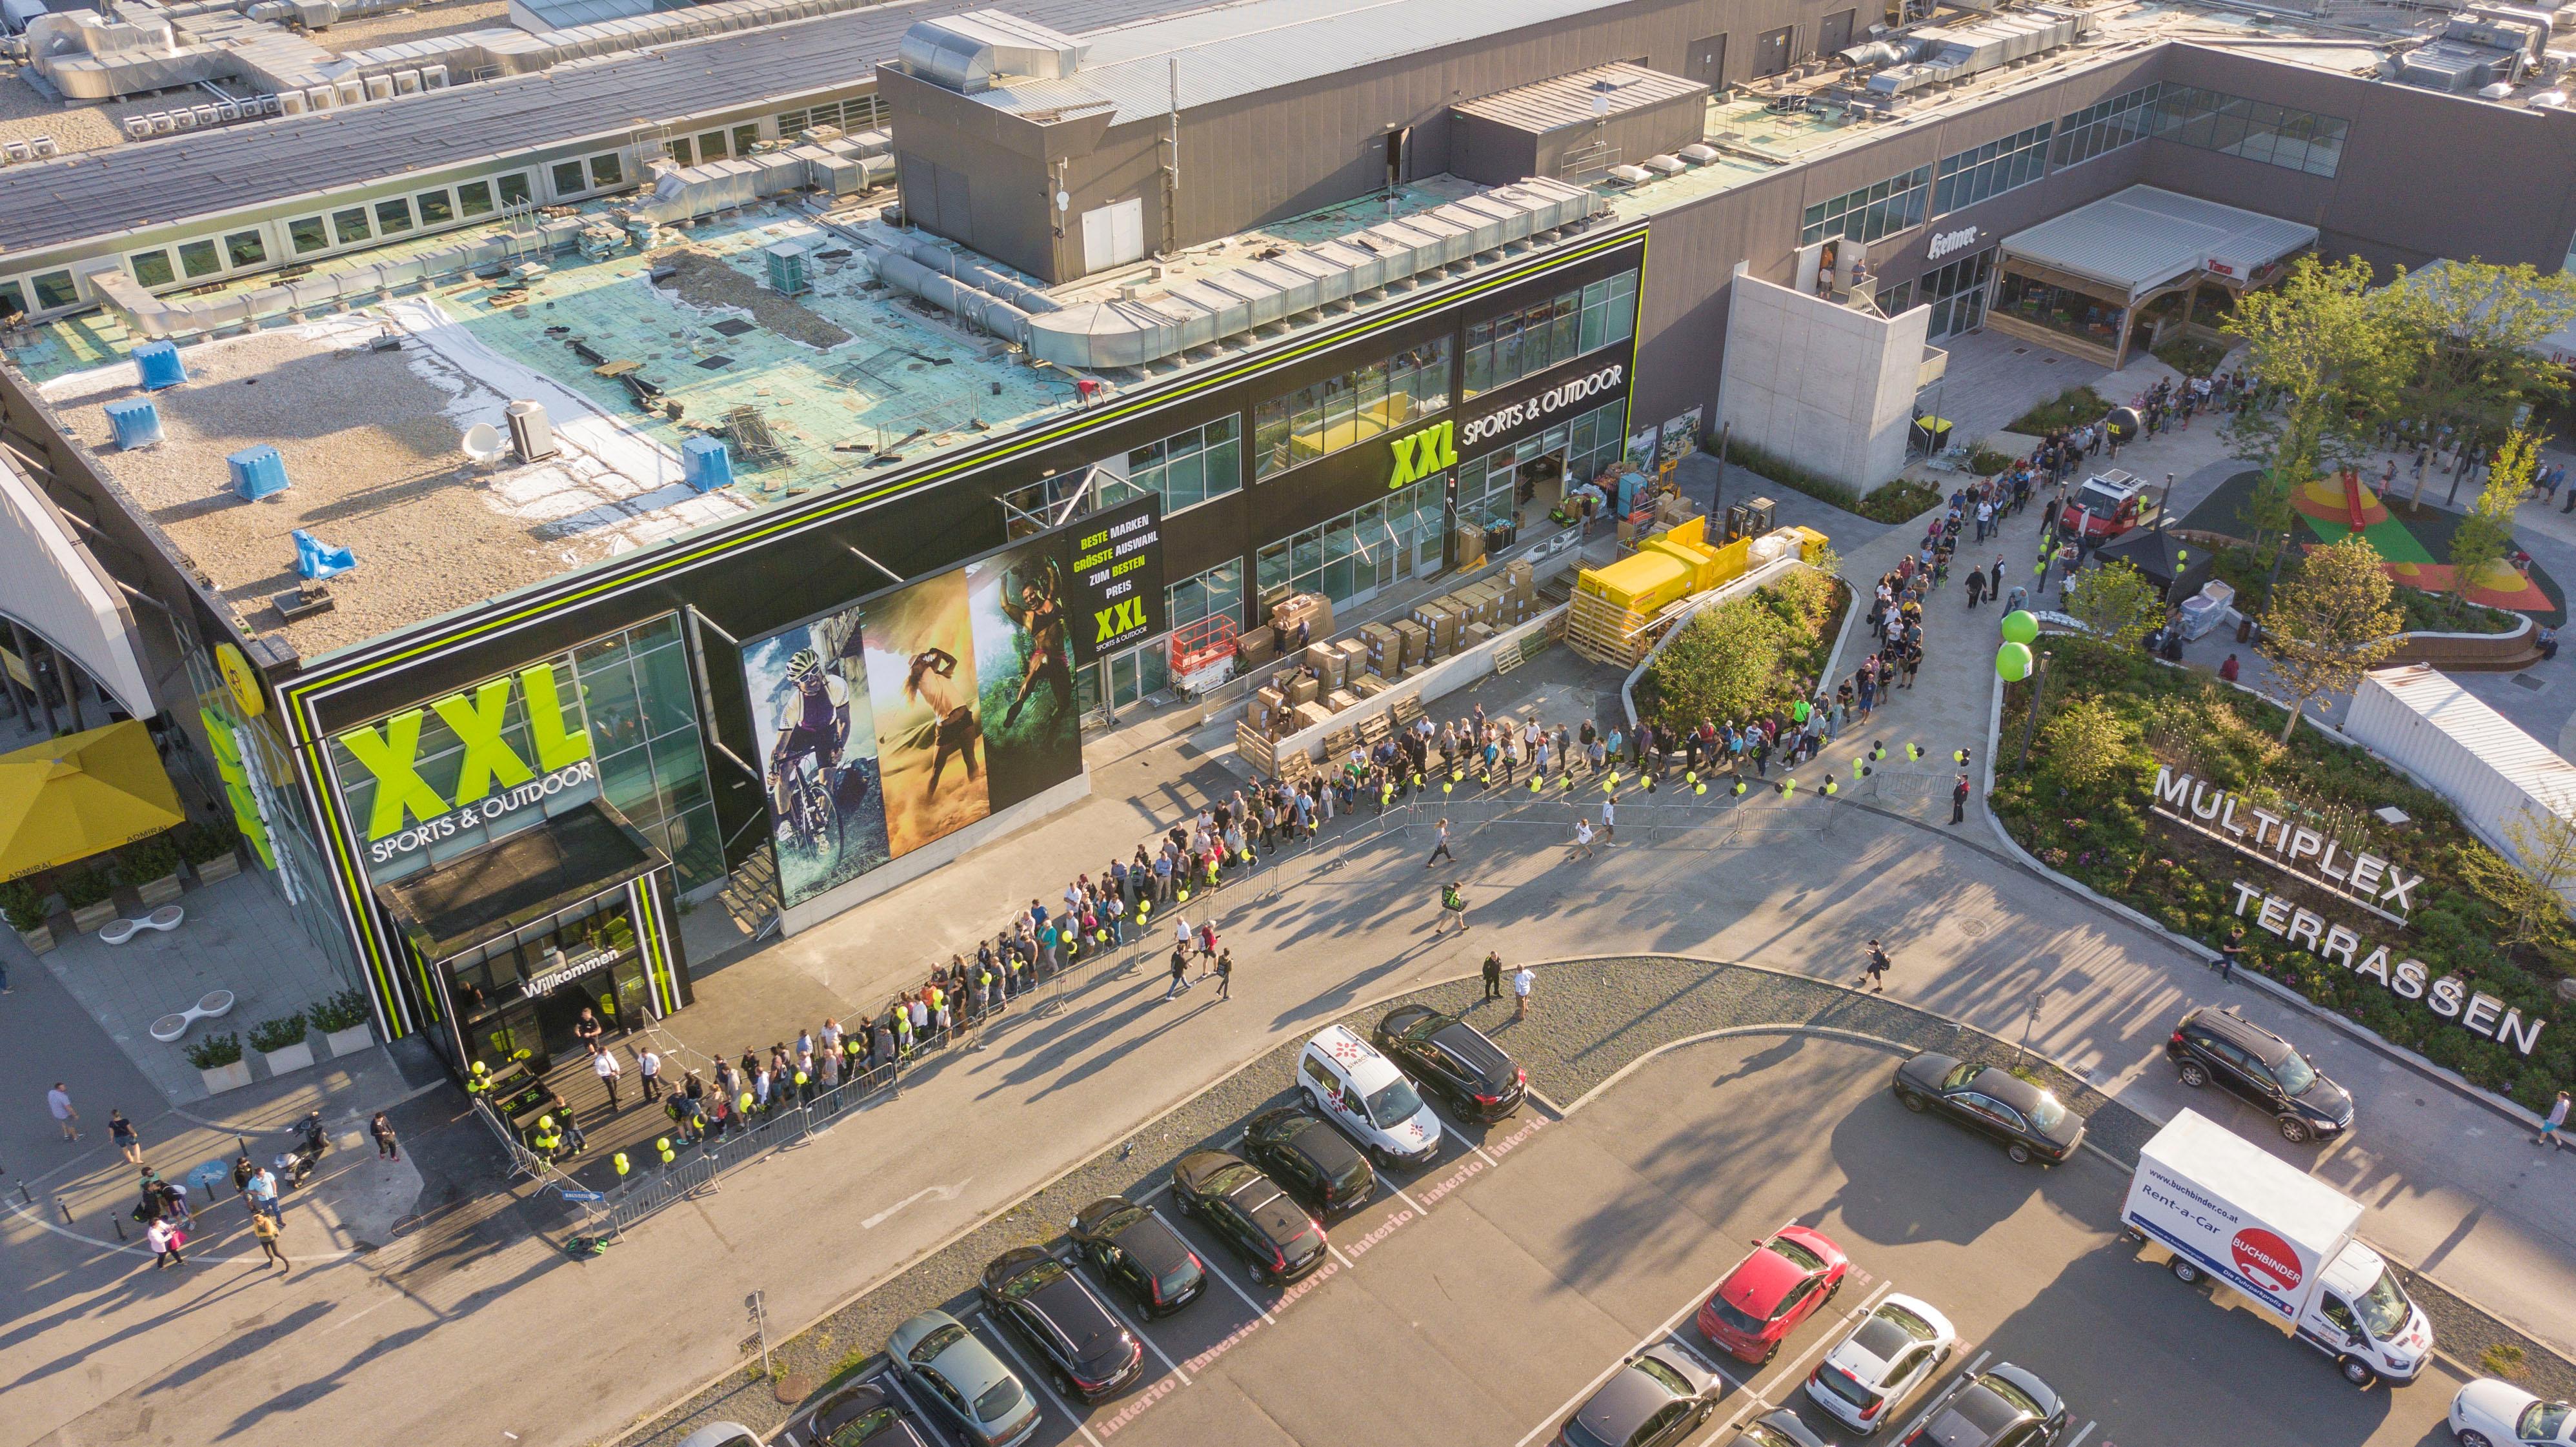 Mit attraktiven Eröffnungsangeboten und Goodbybags lockte XXL Tausende Besucher schon früh in den neuen Shop in Wien.©XXL Sport